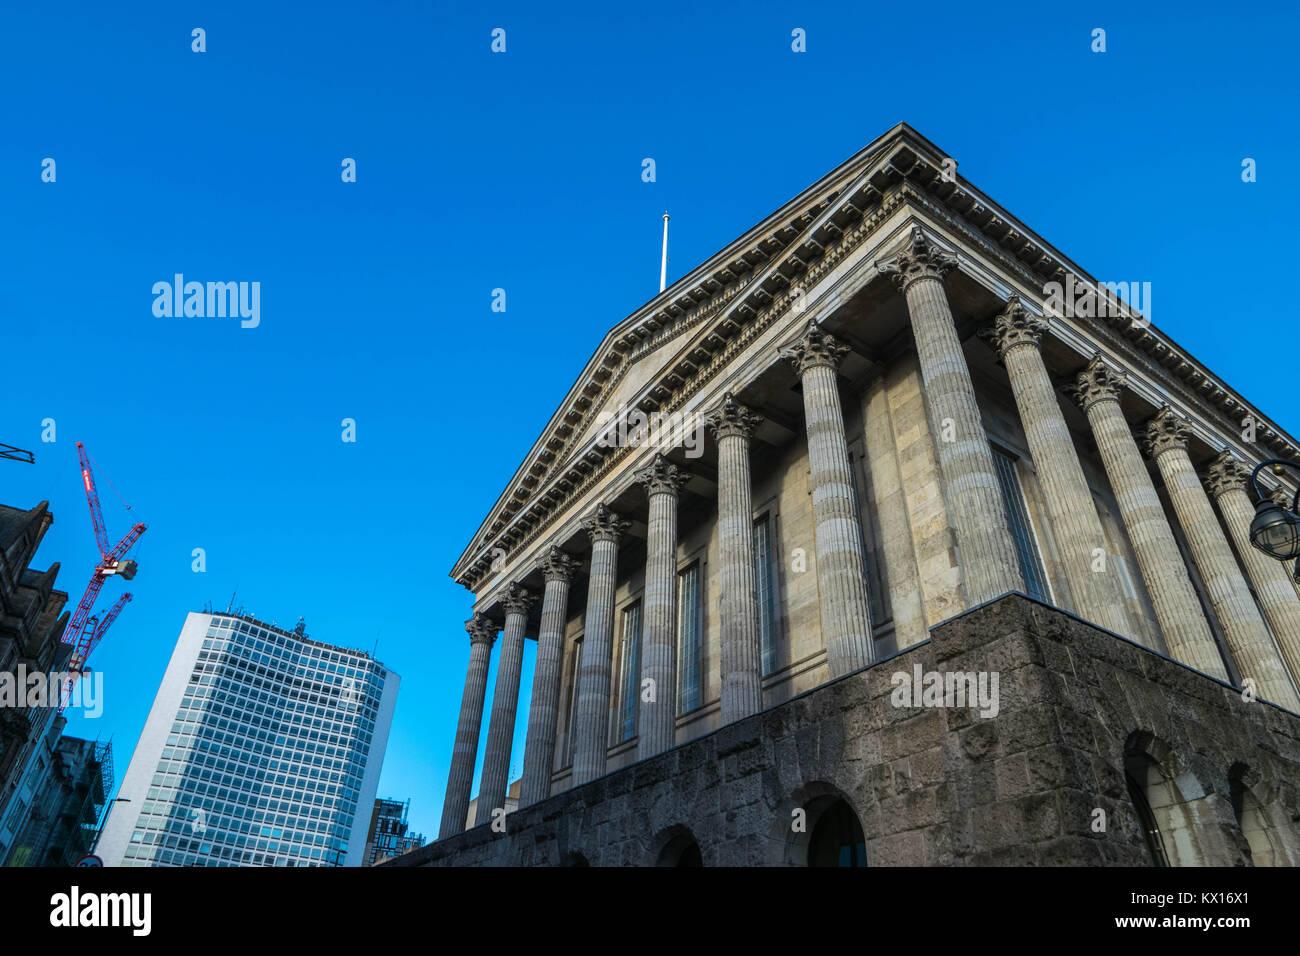 Birminghamm, Regno Unito - 3 Ottobre 2017 : Birmingham town hall Foto Stock